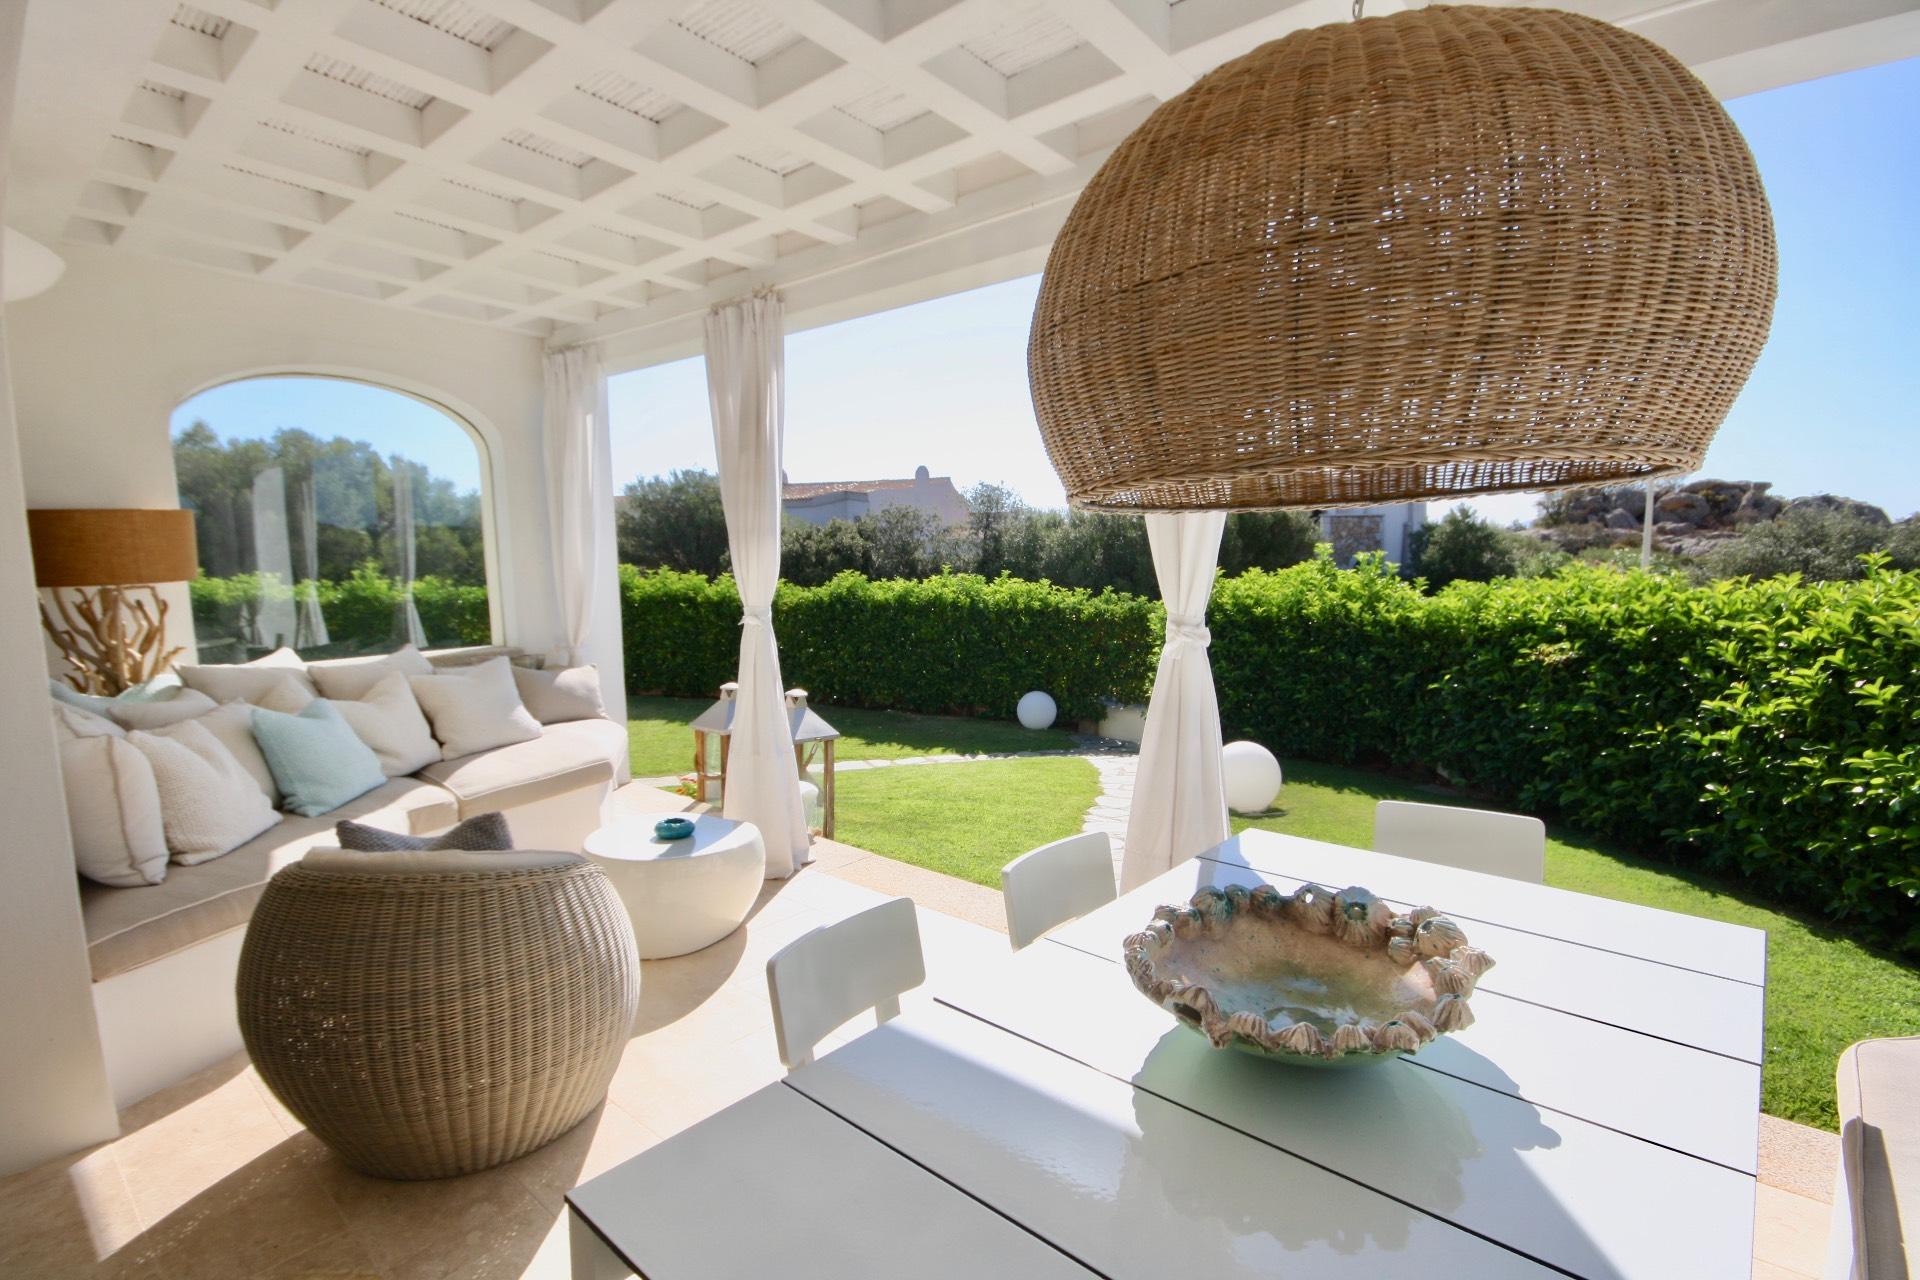 Appartamento in vendita a Arzachena - Porto Cervo, 4 locali, zona Zona: Abbiadori, prezzo € 780.000 | CambioCasa.it